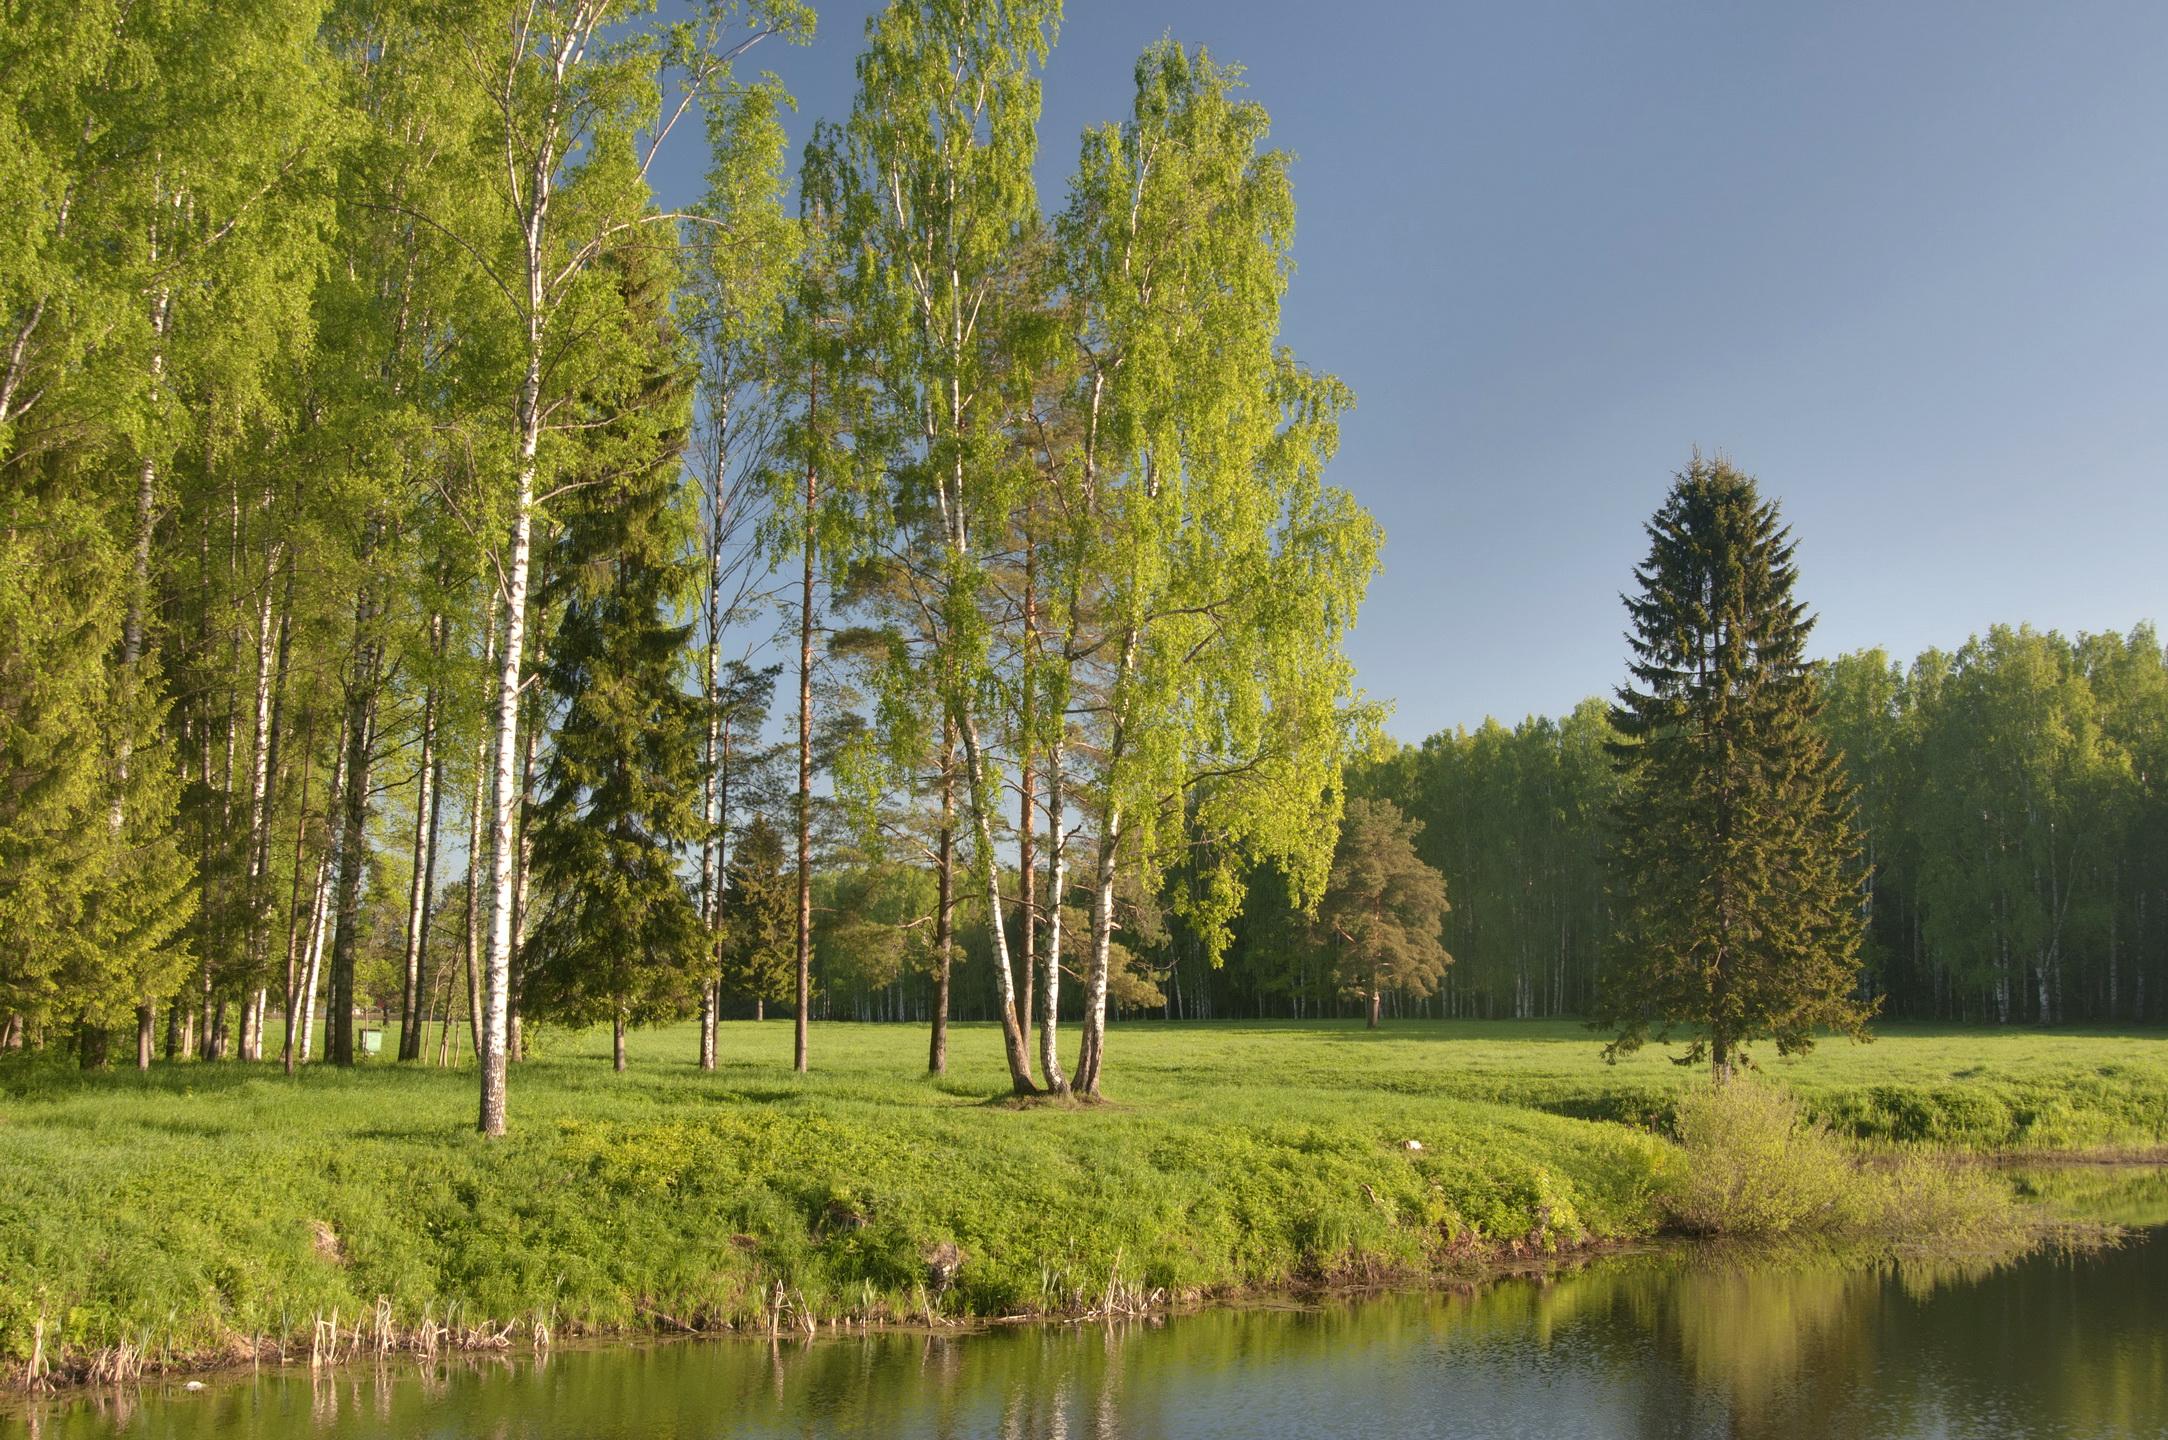 русская природа обои на рабочий стол хорошего качества № 246591 бесплатно